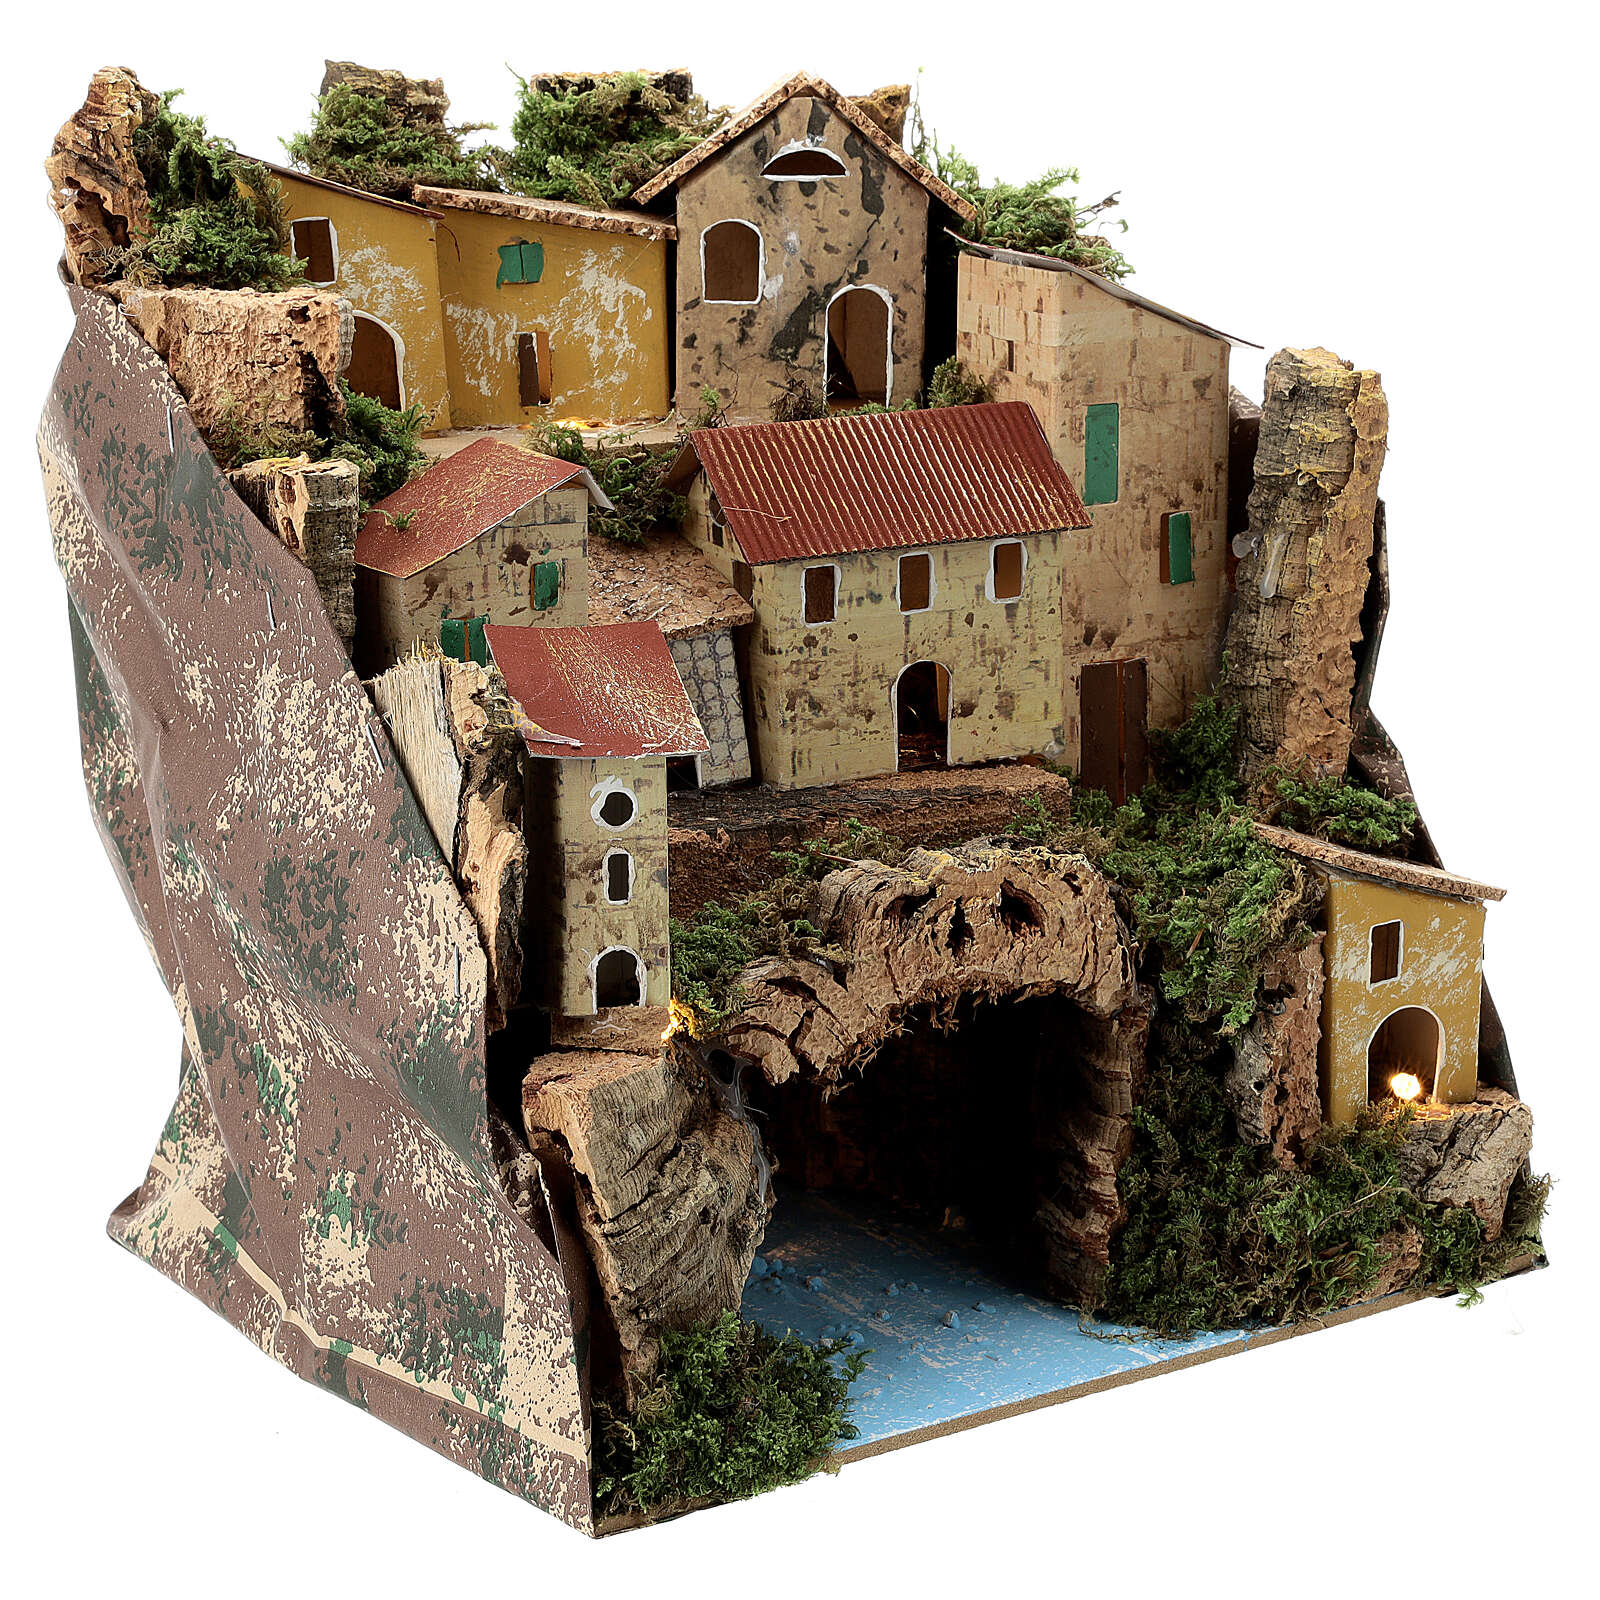 Borgo case lontananza illuminate fiume sotterraneo presepe 25x25x20 cm 4